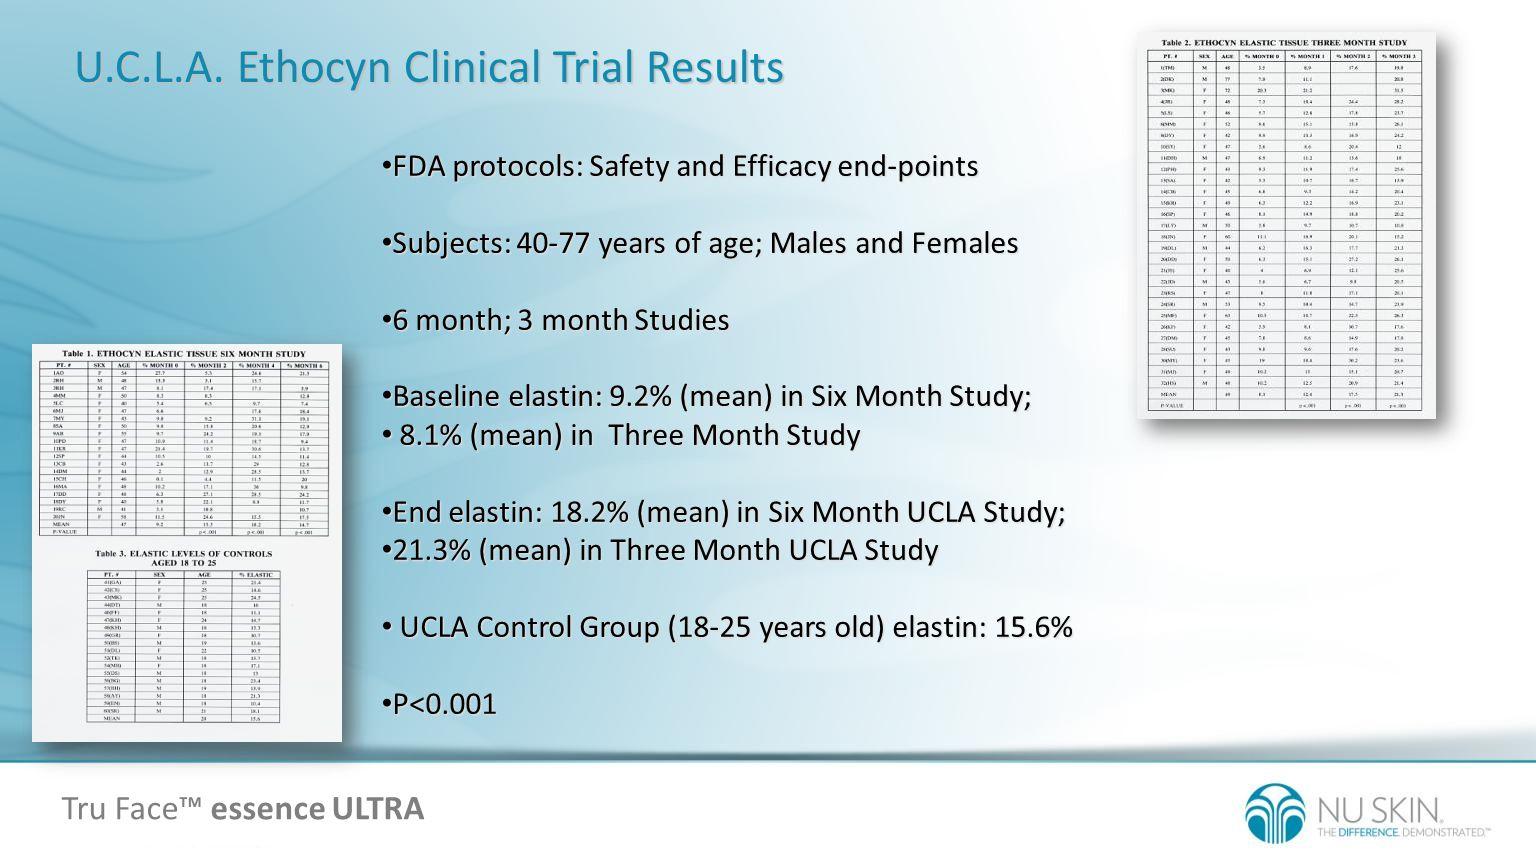 U.C.L.A. Ethocyn Clinical Trial Results FDA protocols: Safety and Efficacy end-points FDA protocols: Safety and Efficacy end-points Subjects: 40-77 ye